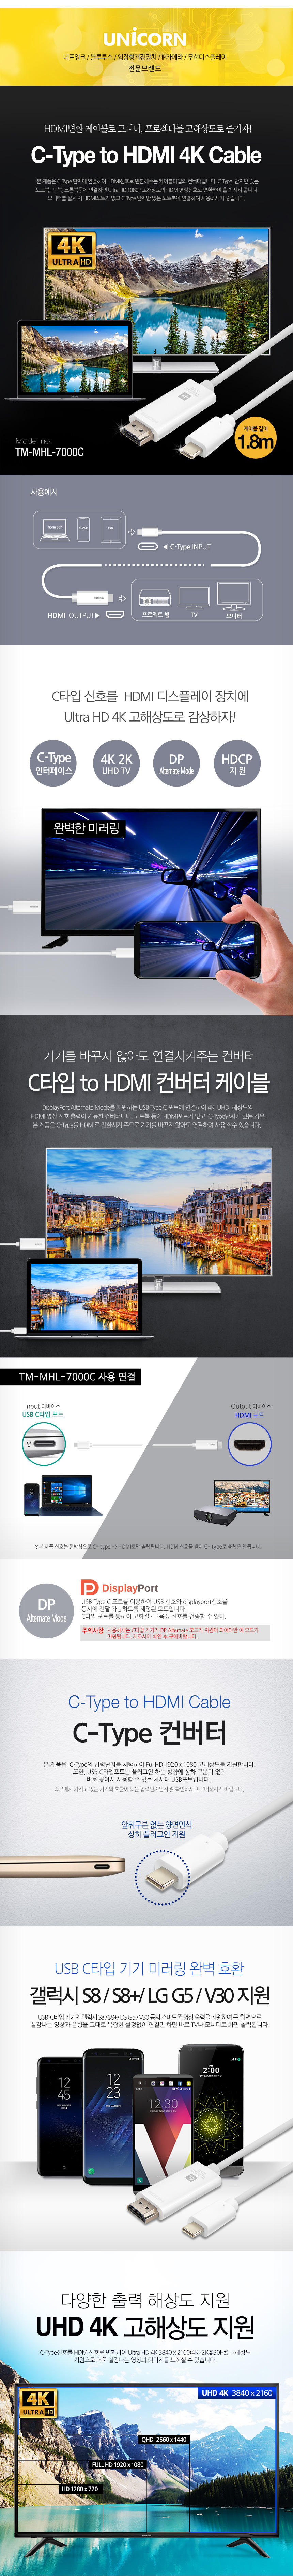 서진네트웍스 UNICORN Type C to HDMI 컨버터 케이블 (TM-MHL7000C)(1.8m)